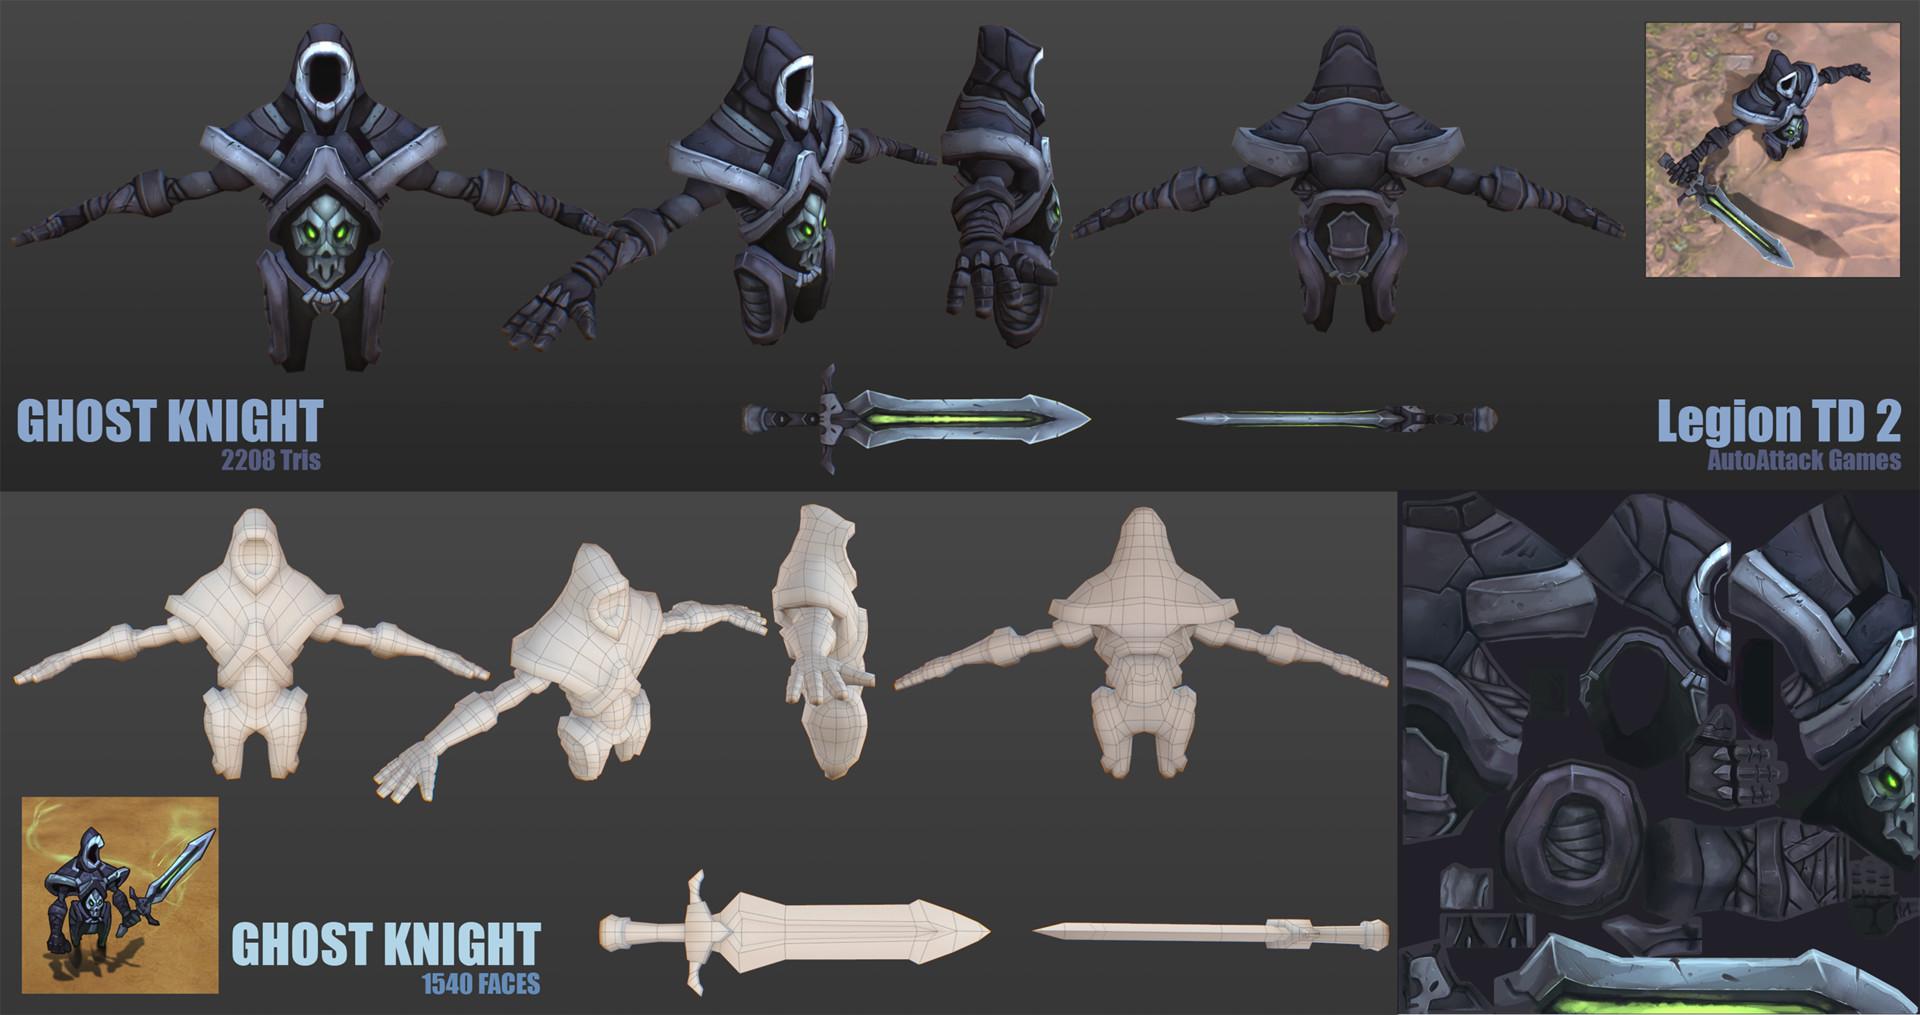 ArtStation - Ghost Knight - Legion TD 2, Tarik Diaz